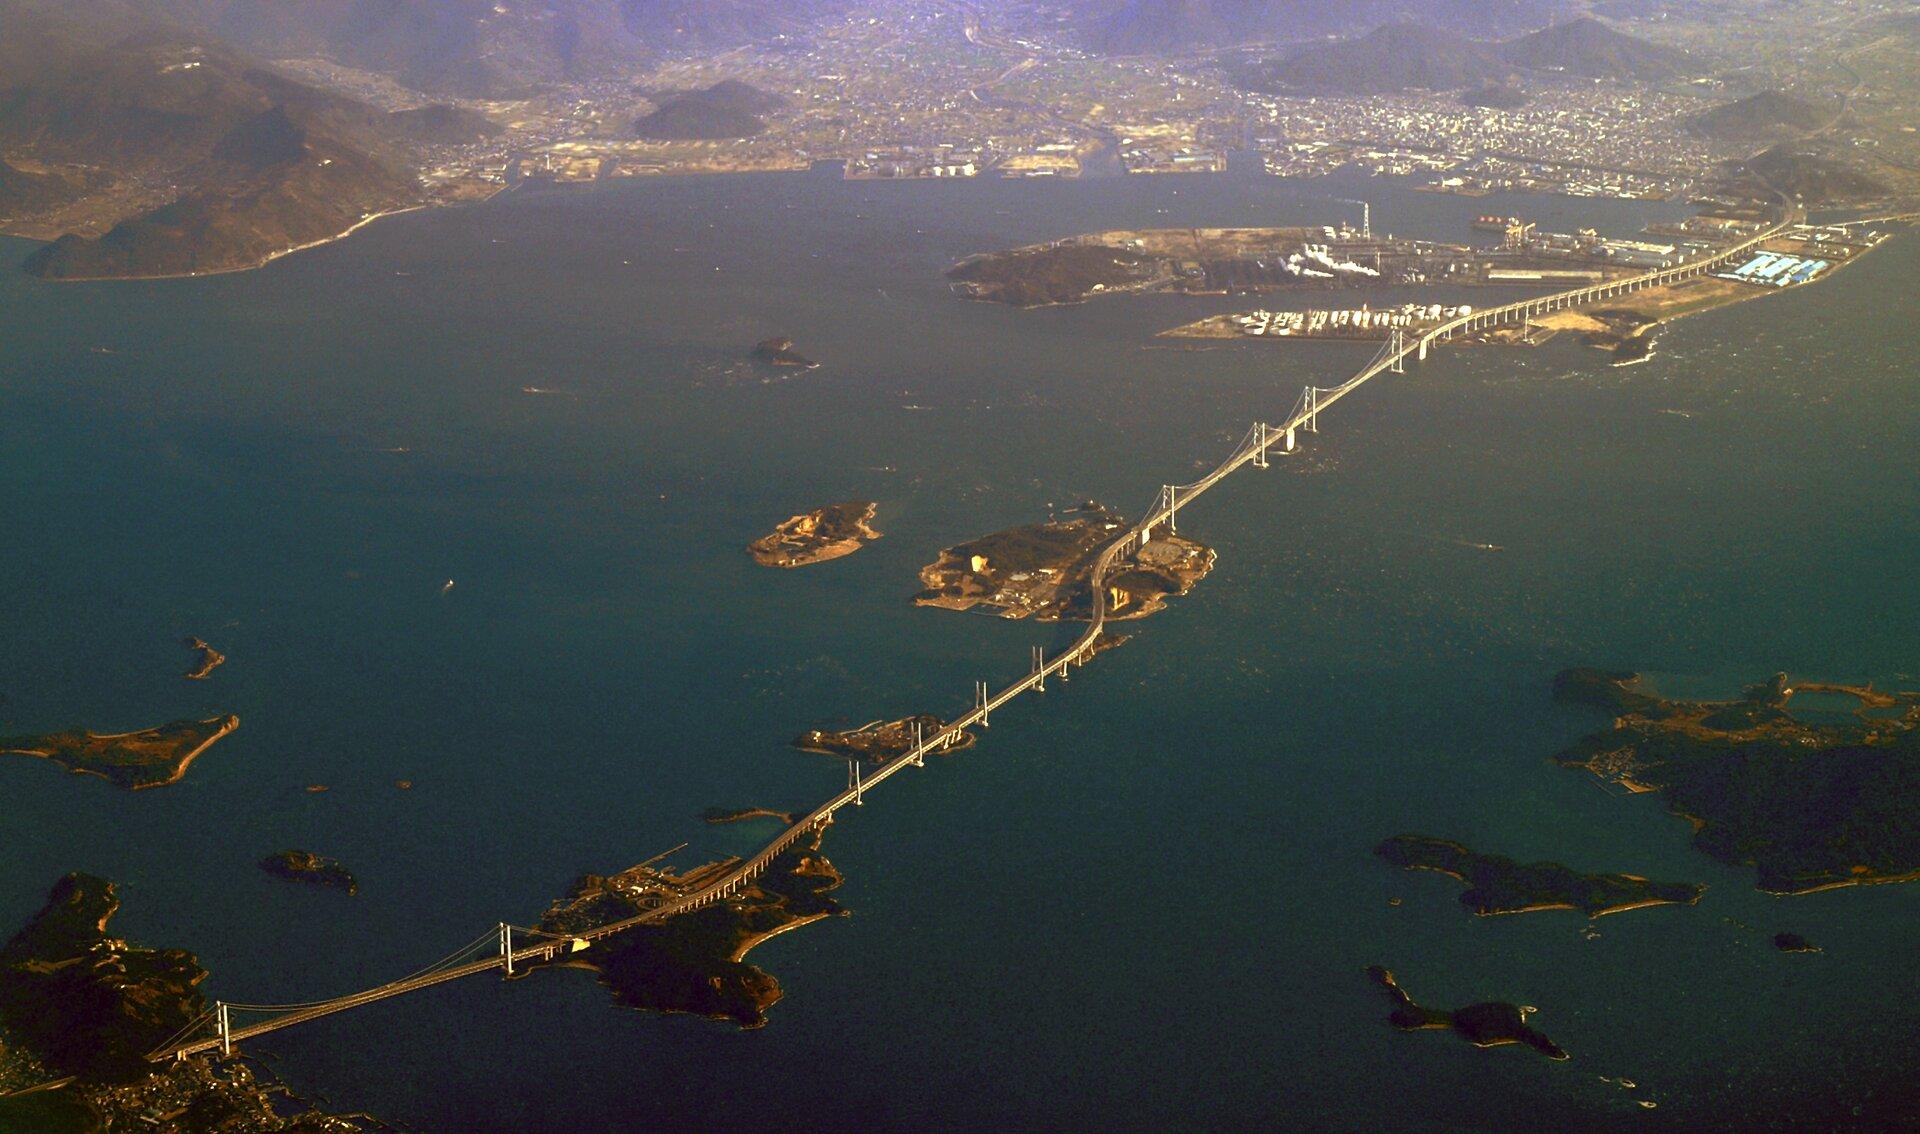 Na zdjęciu długi most łączący kilka wysepek.